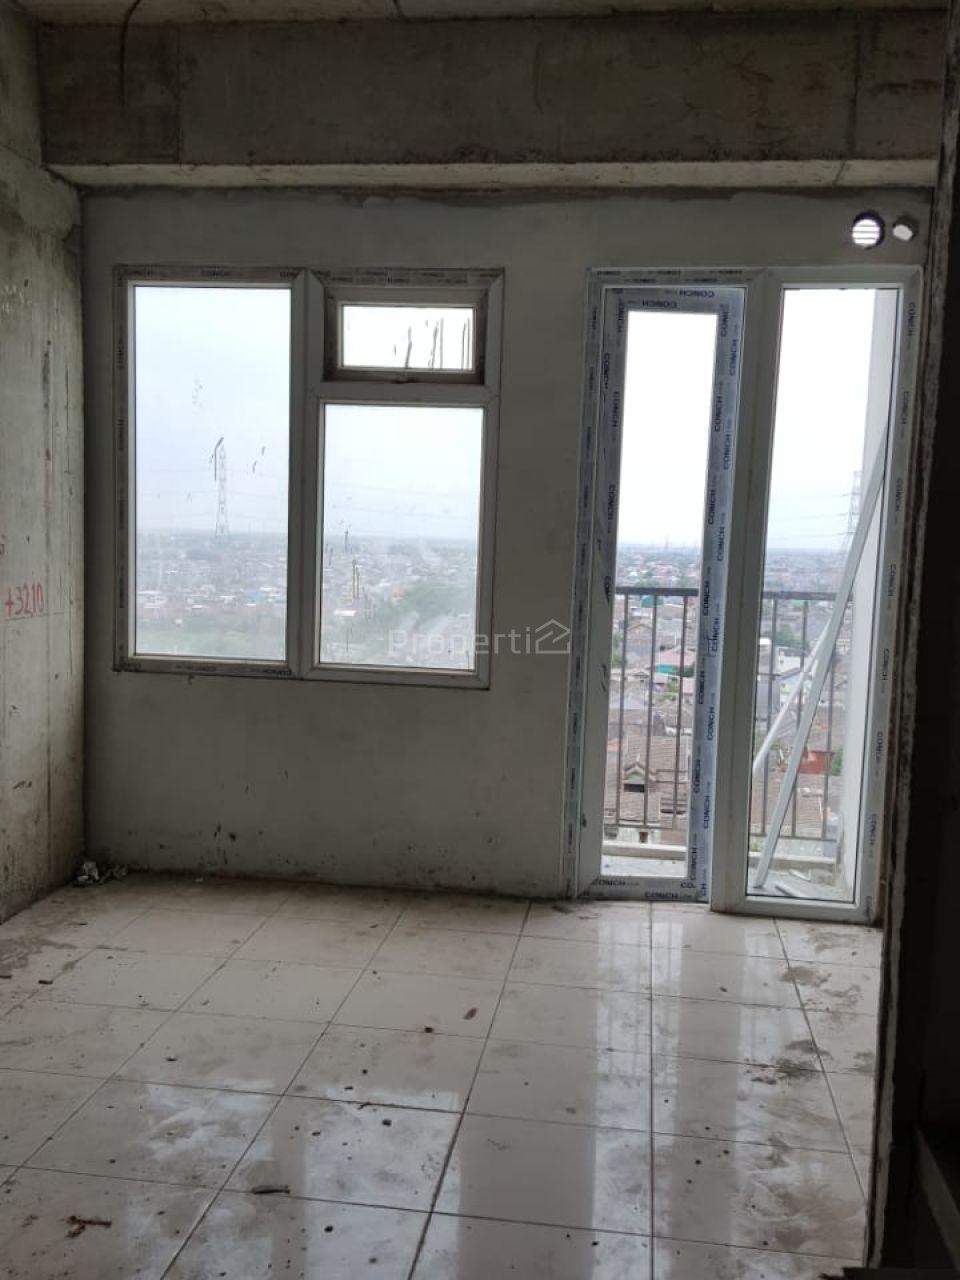 Unit Baru di Tower Paris Apartemen Metropolitan Park, Kota Bekasi